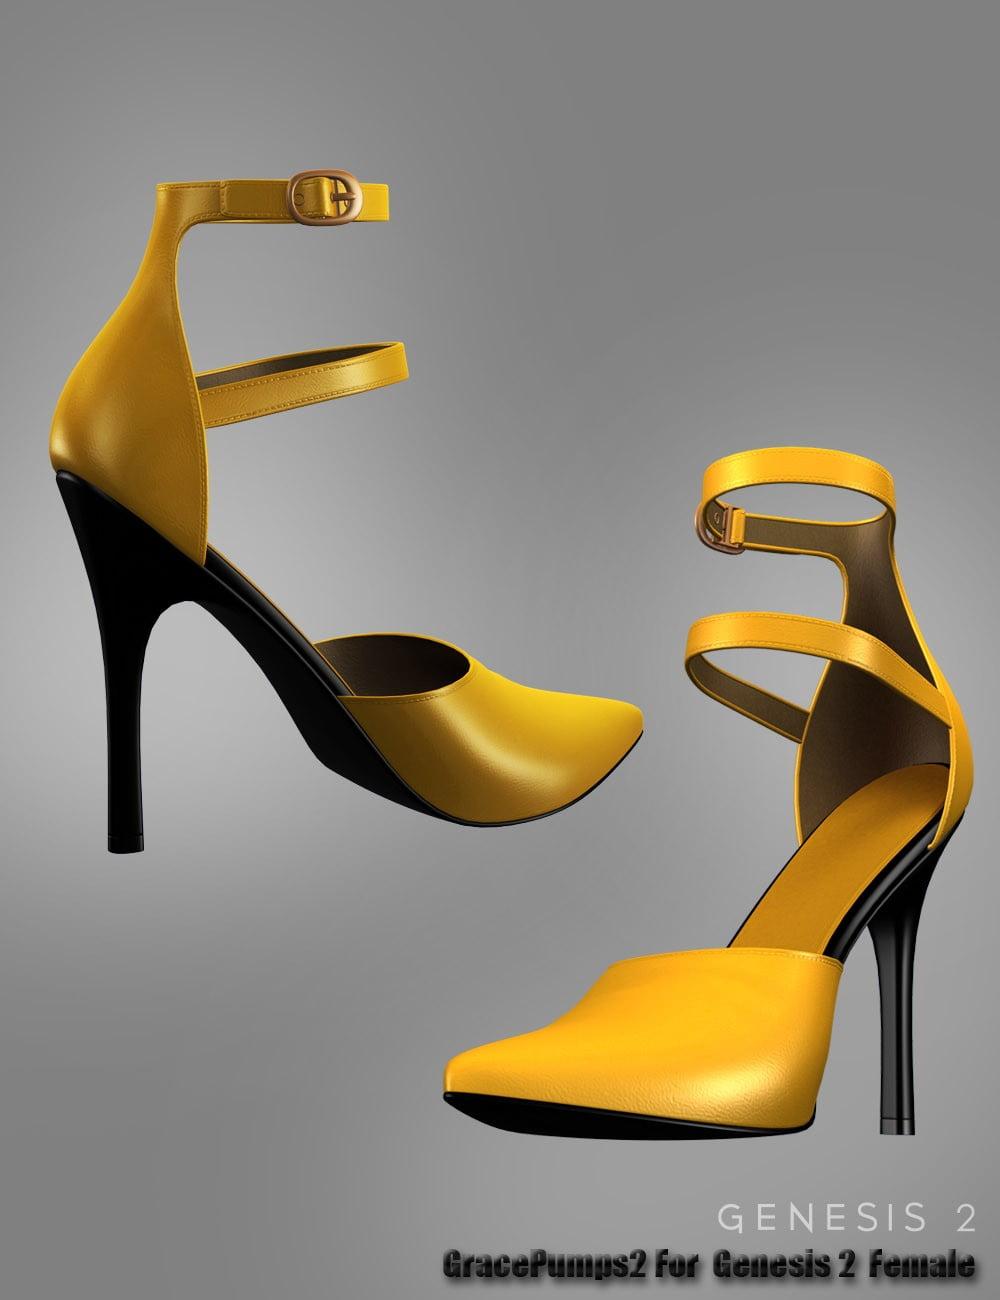 Grace Pumps 2 For Genesis 2 Female(s) - clothing, daz-poser-carrara